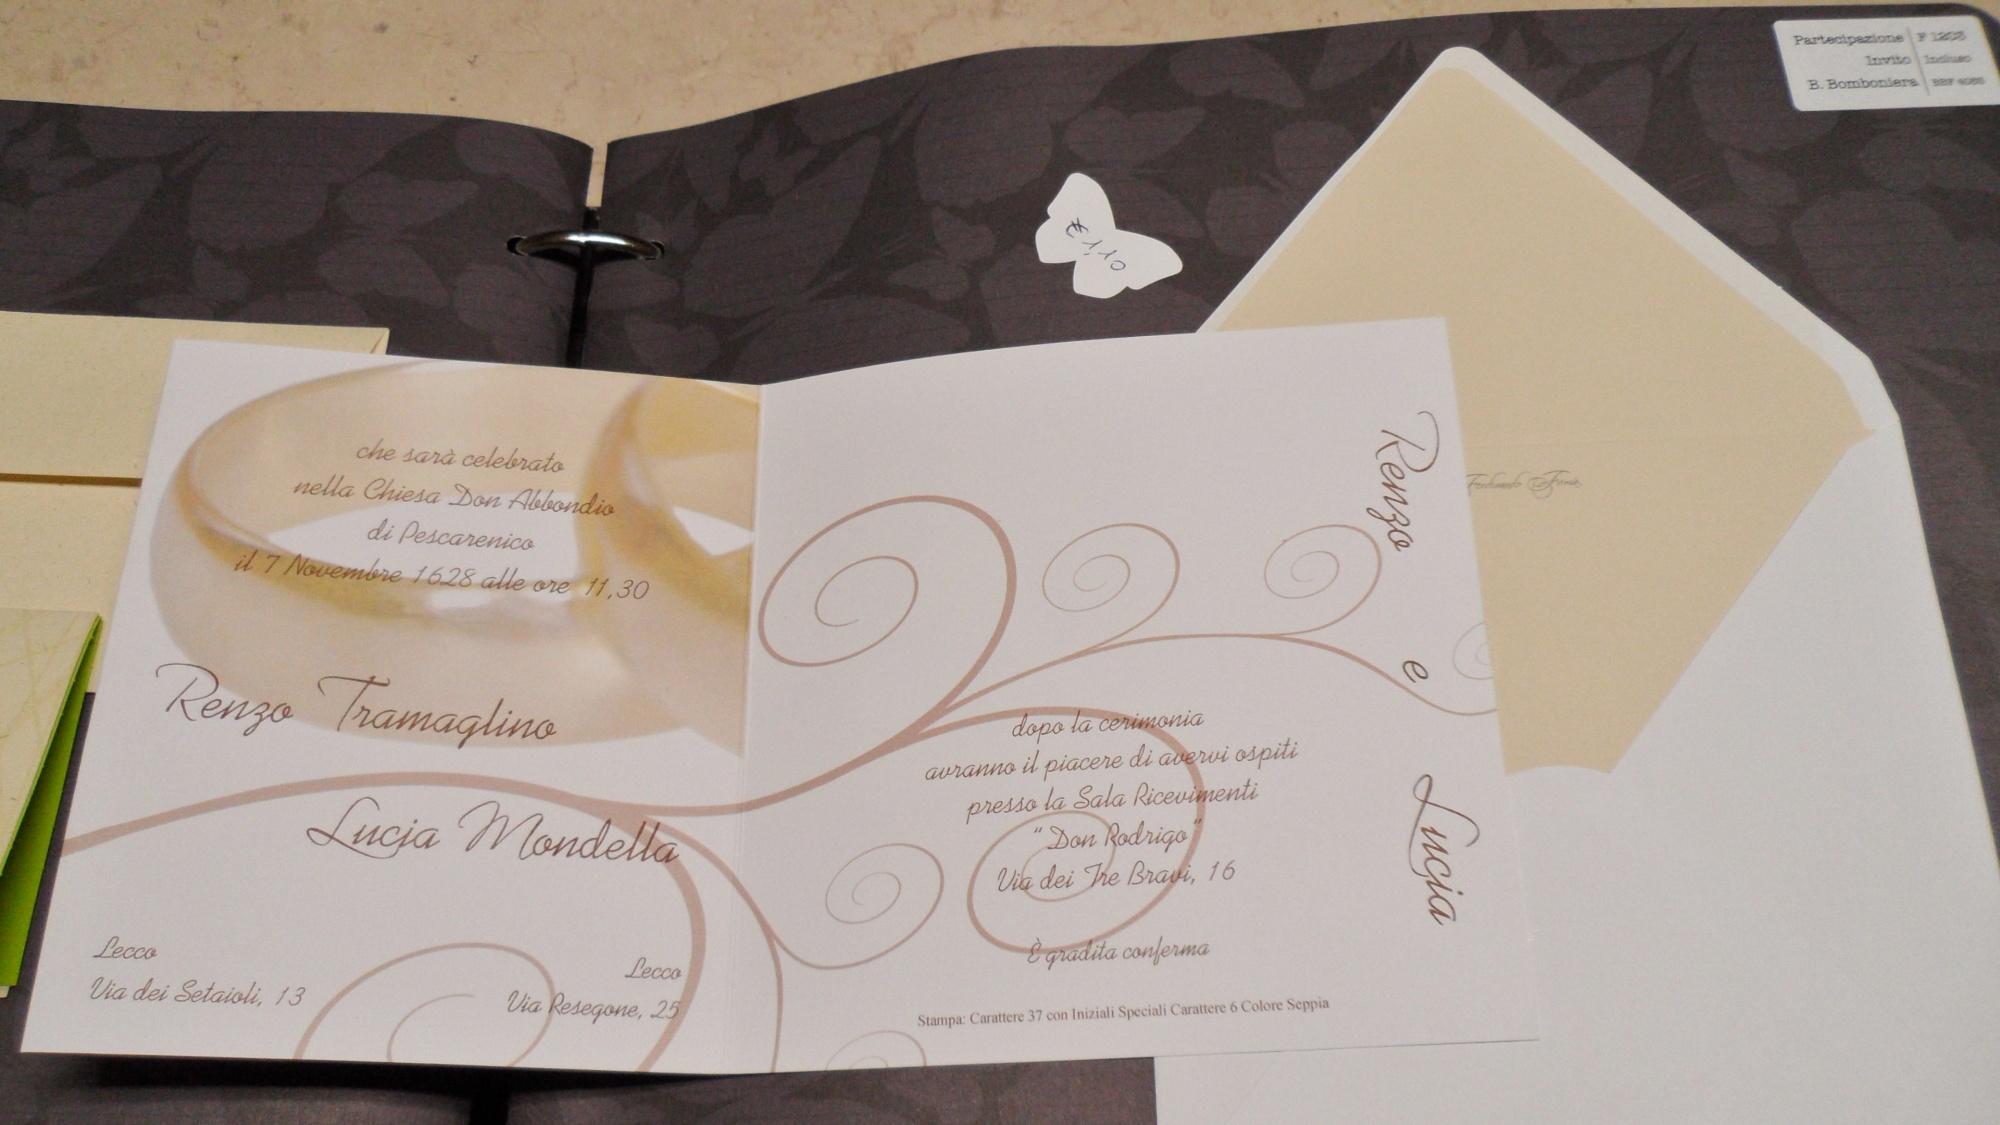 Partecipazioni Matrimonio Originali 2018.Partecipazioni Nozze 2018 Originali Eleganti Spiritose